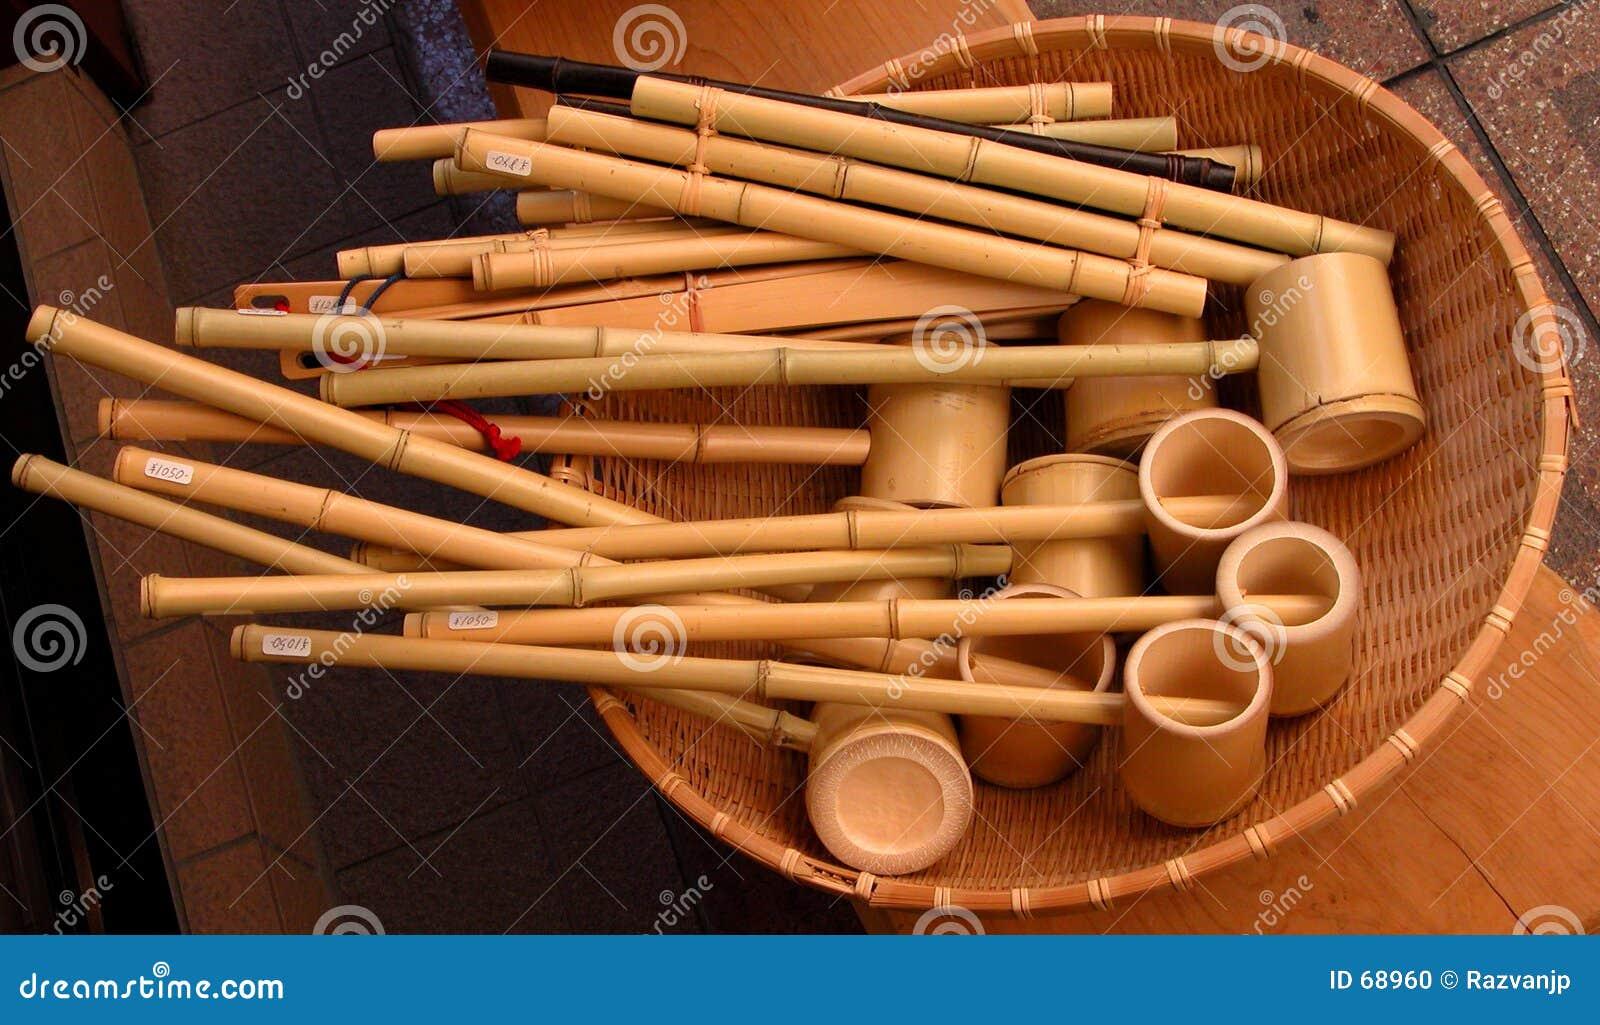 Outils en bambou